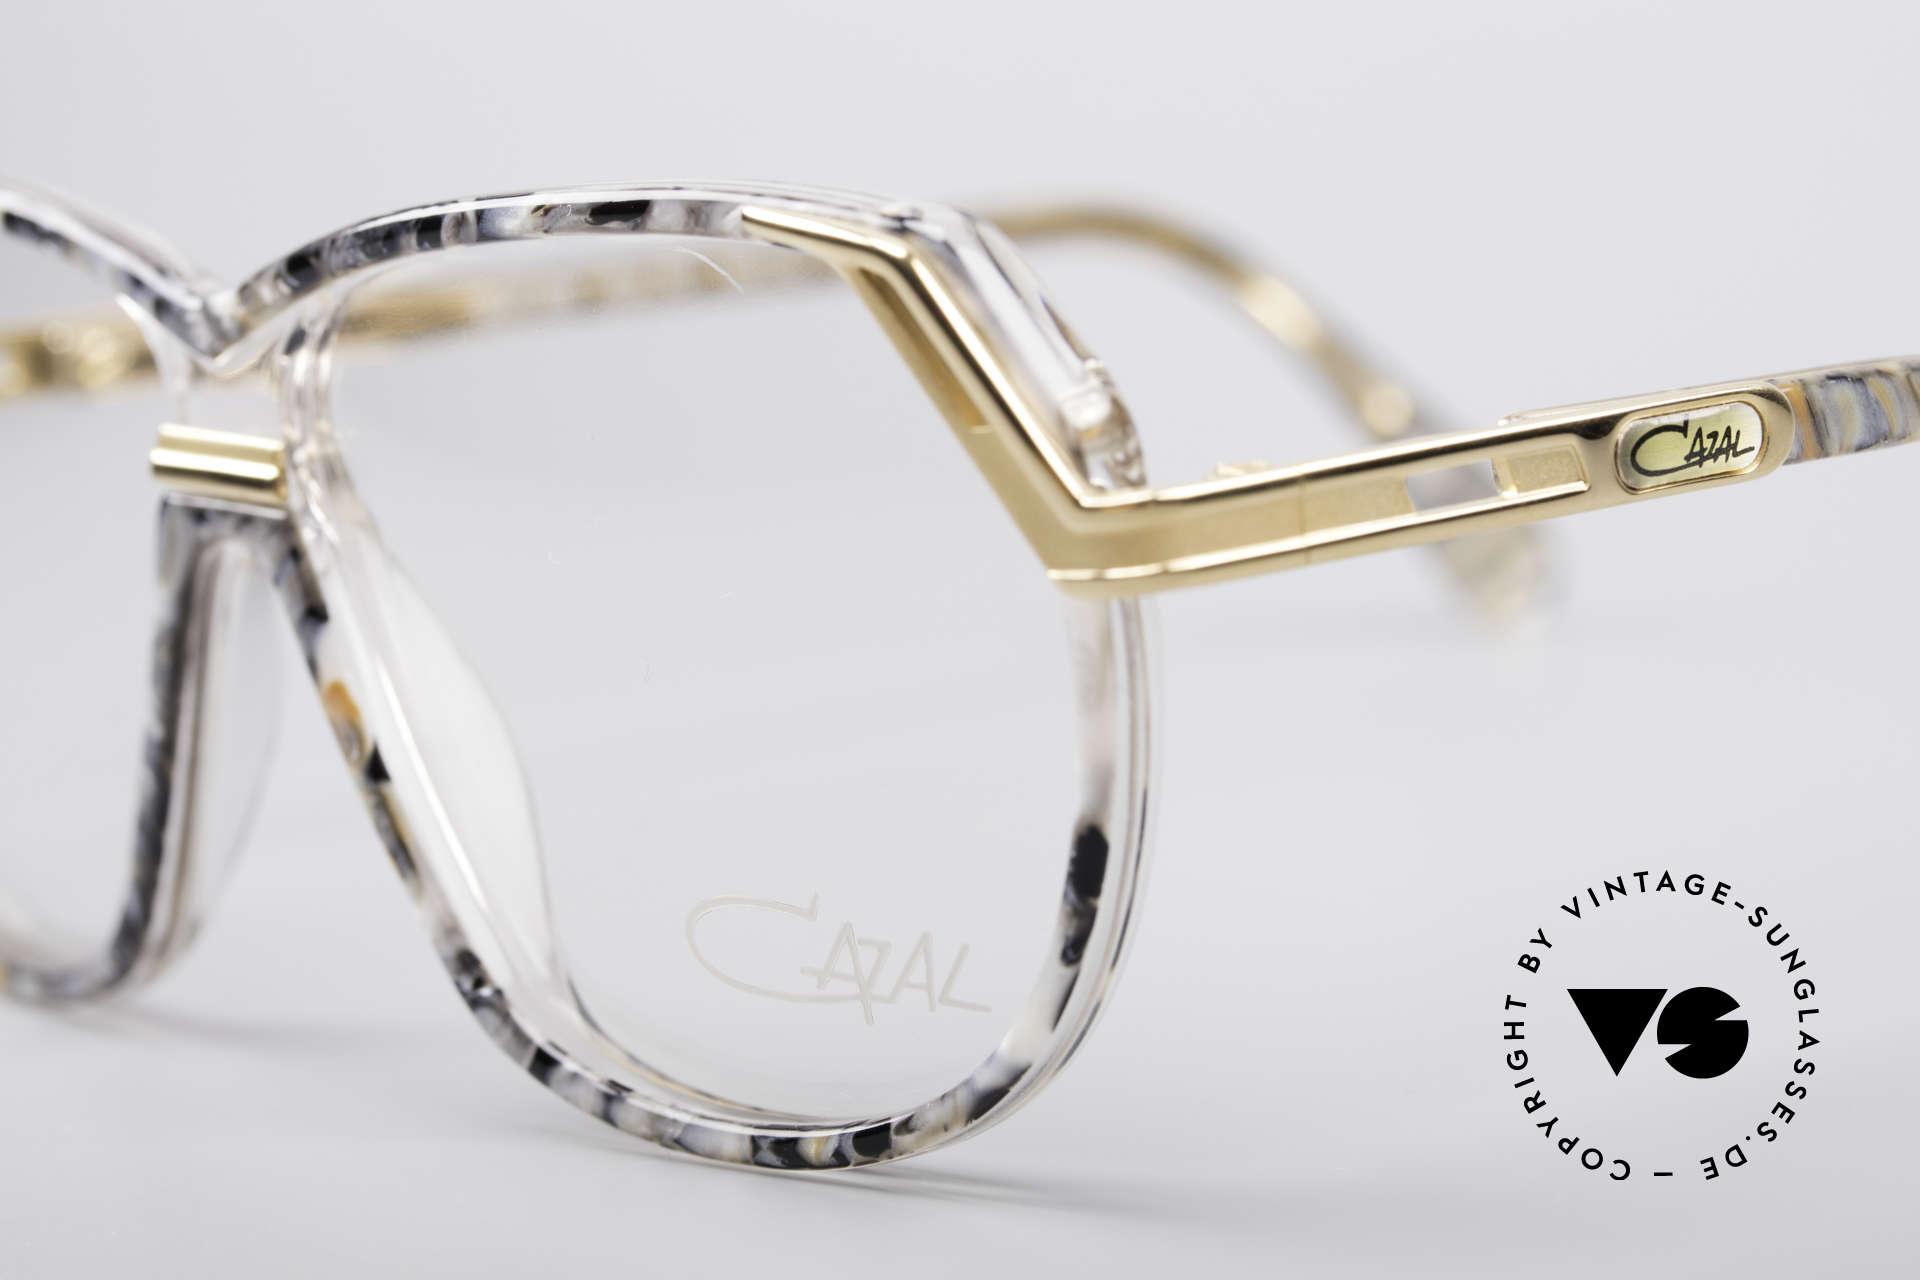 7d0ac09d69 Brillen Cazal 339 90er Vintage Designer Brille